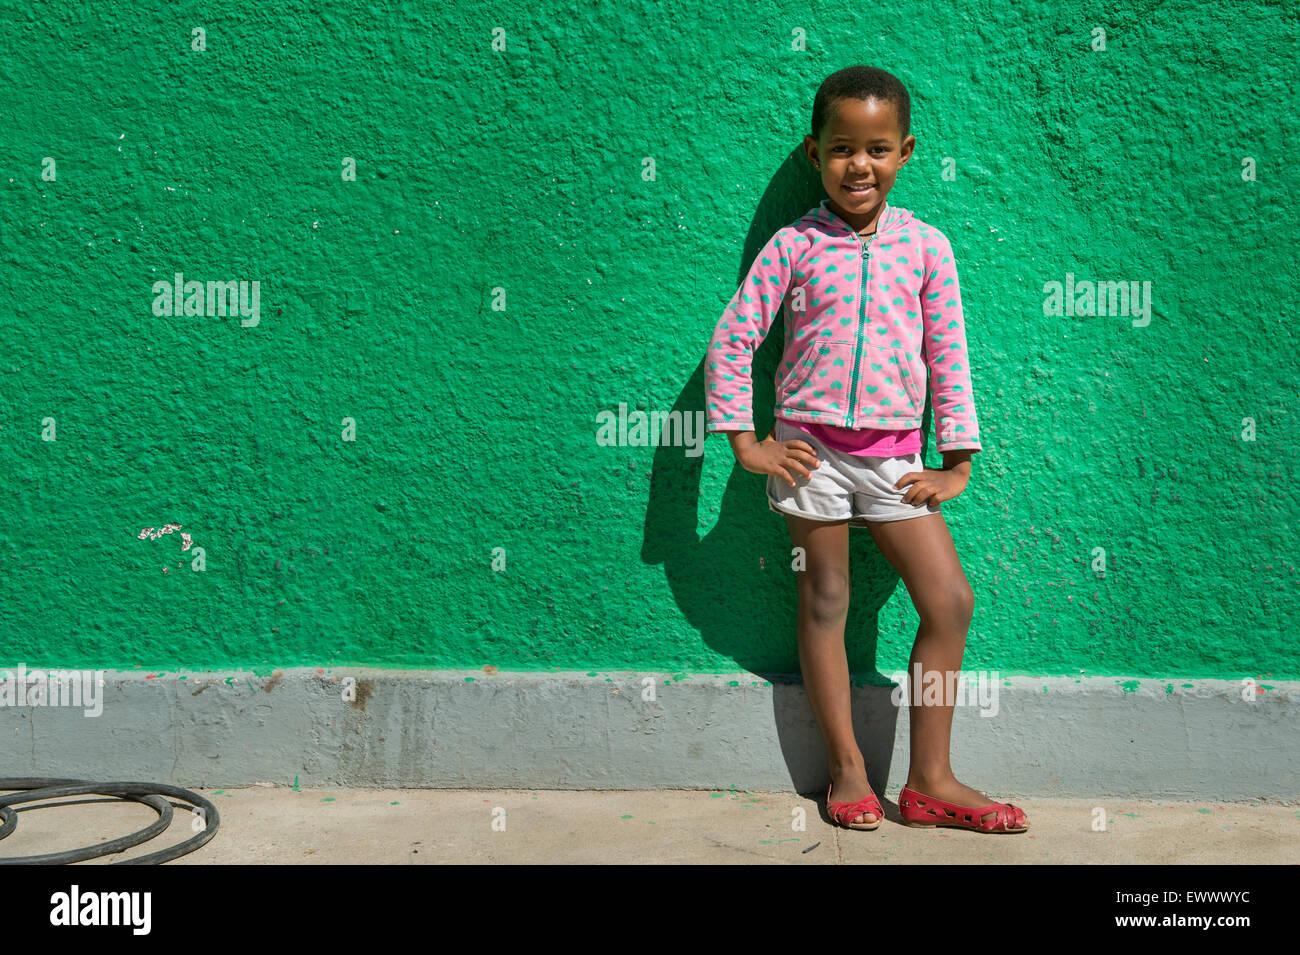 Namibia - joven muchacha africana de pie en frente de la pared verde brillante. Imagen De Stock